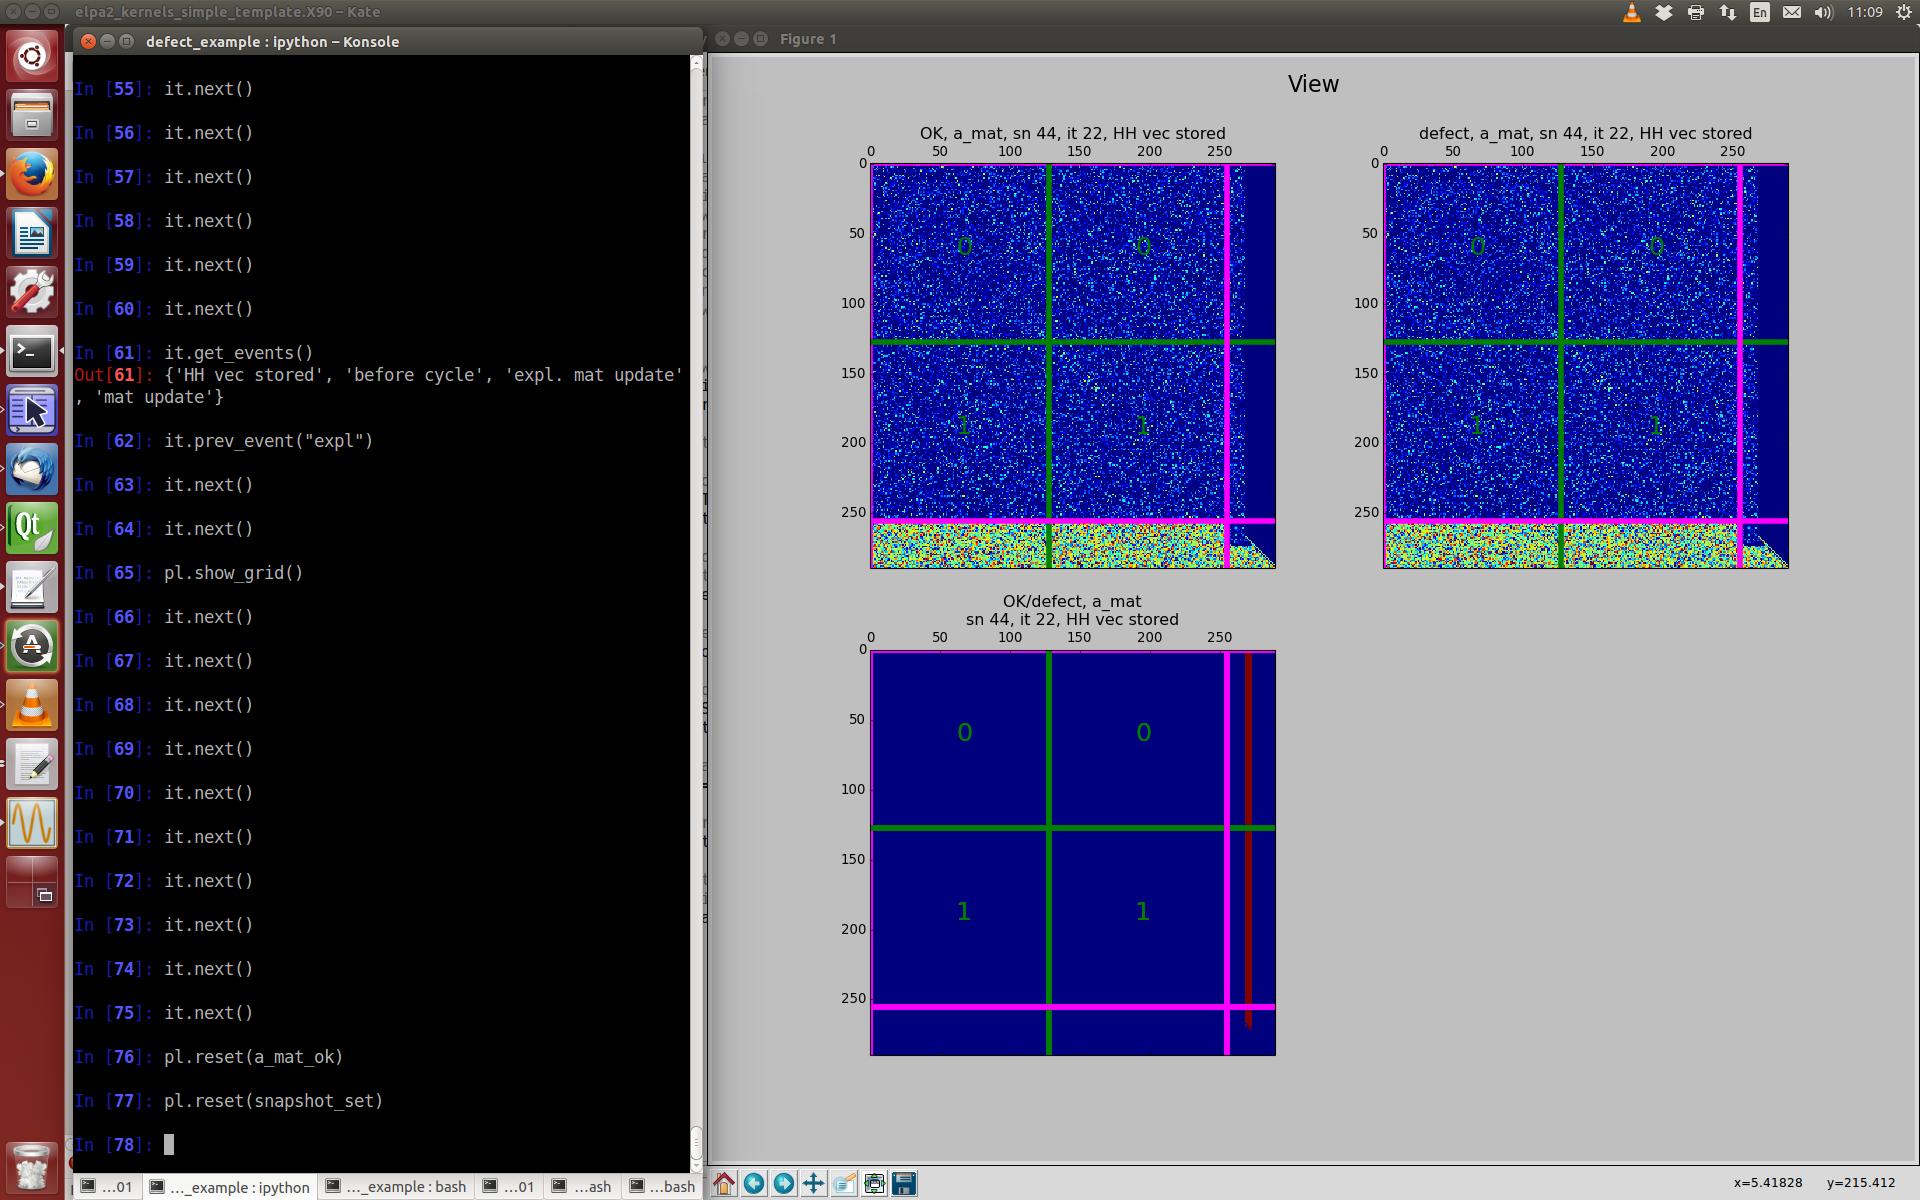 utils/matrix_plotter/defect_example/screenshot.png